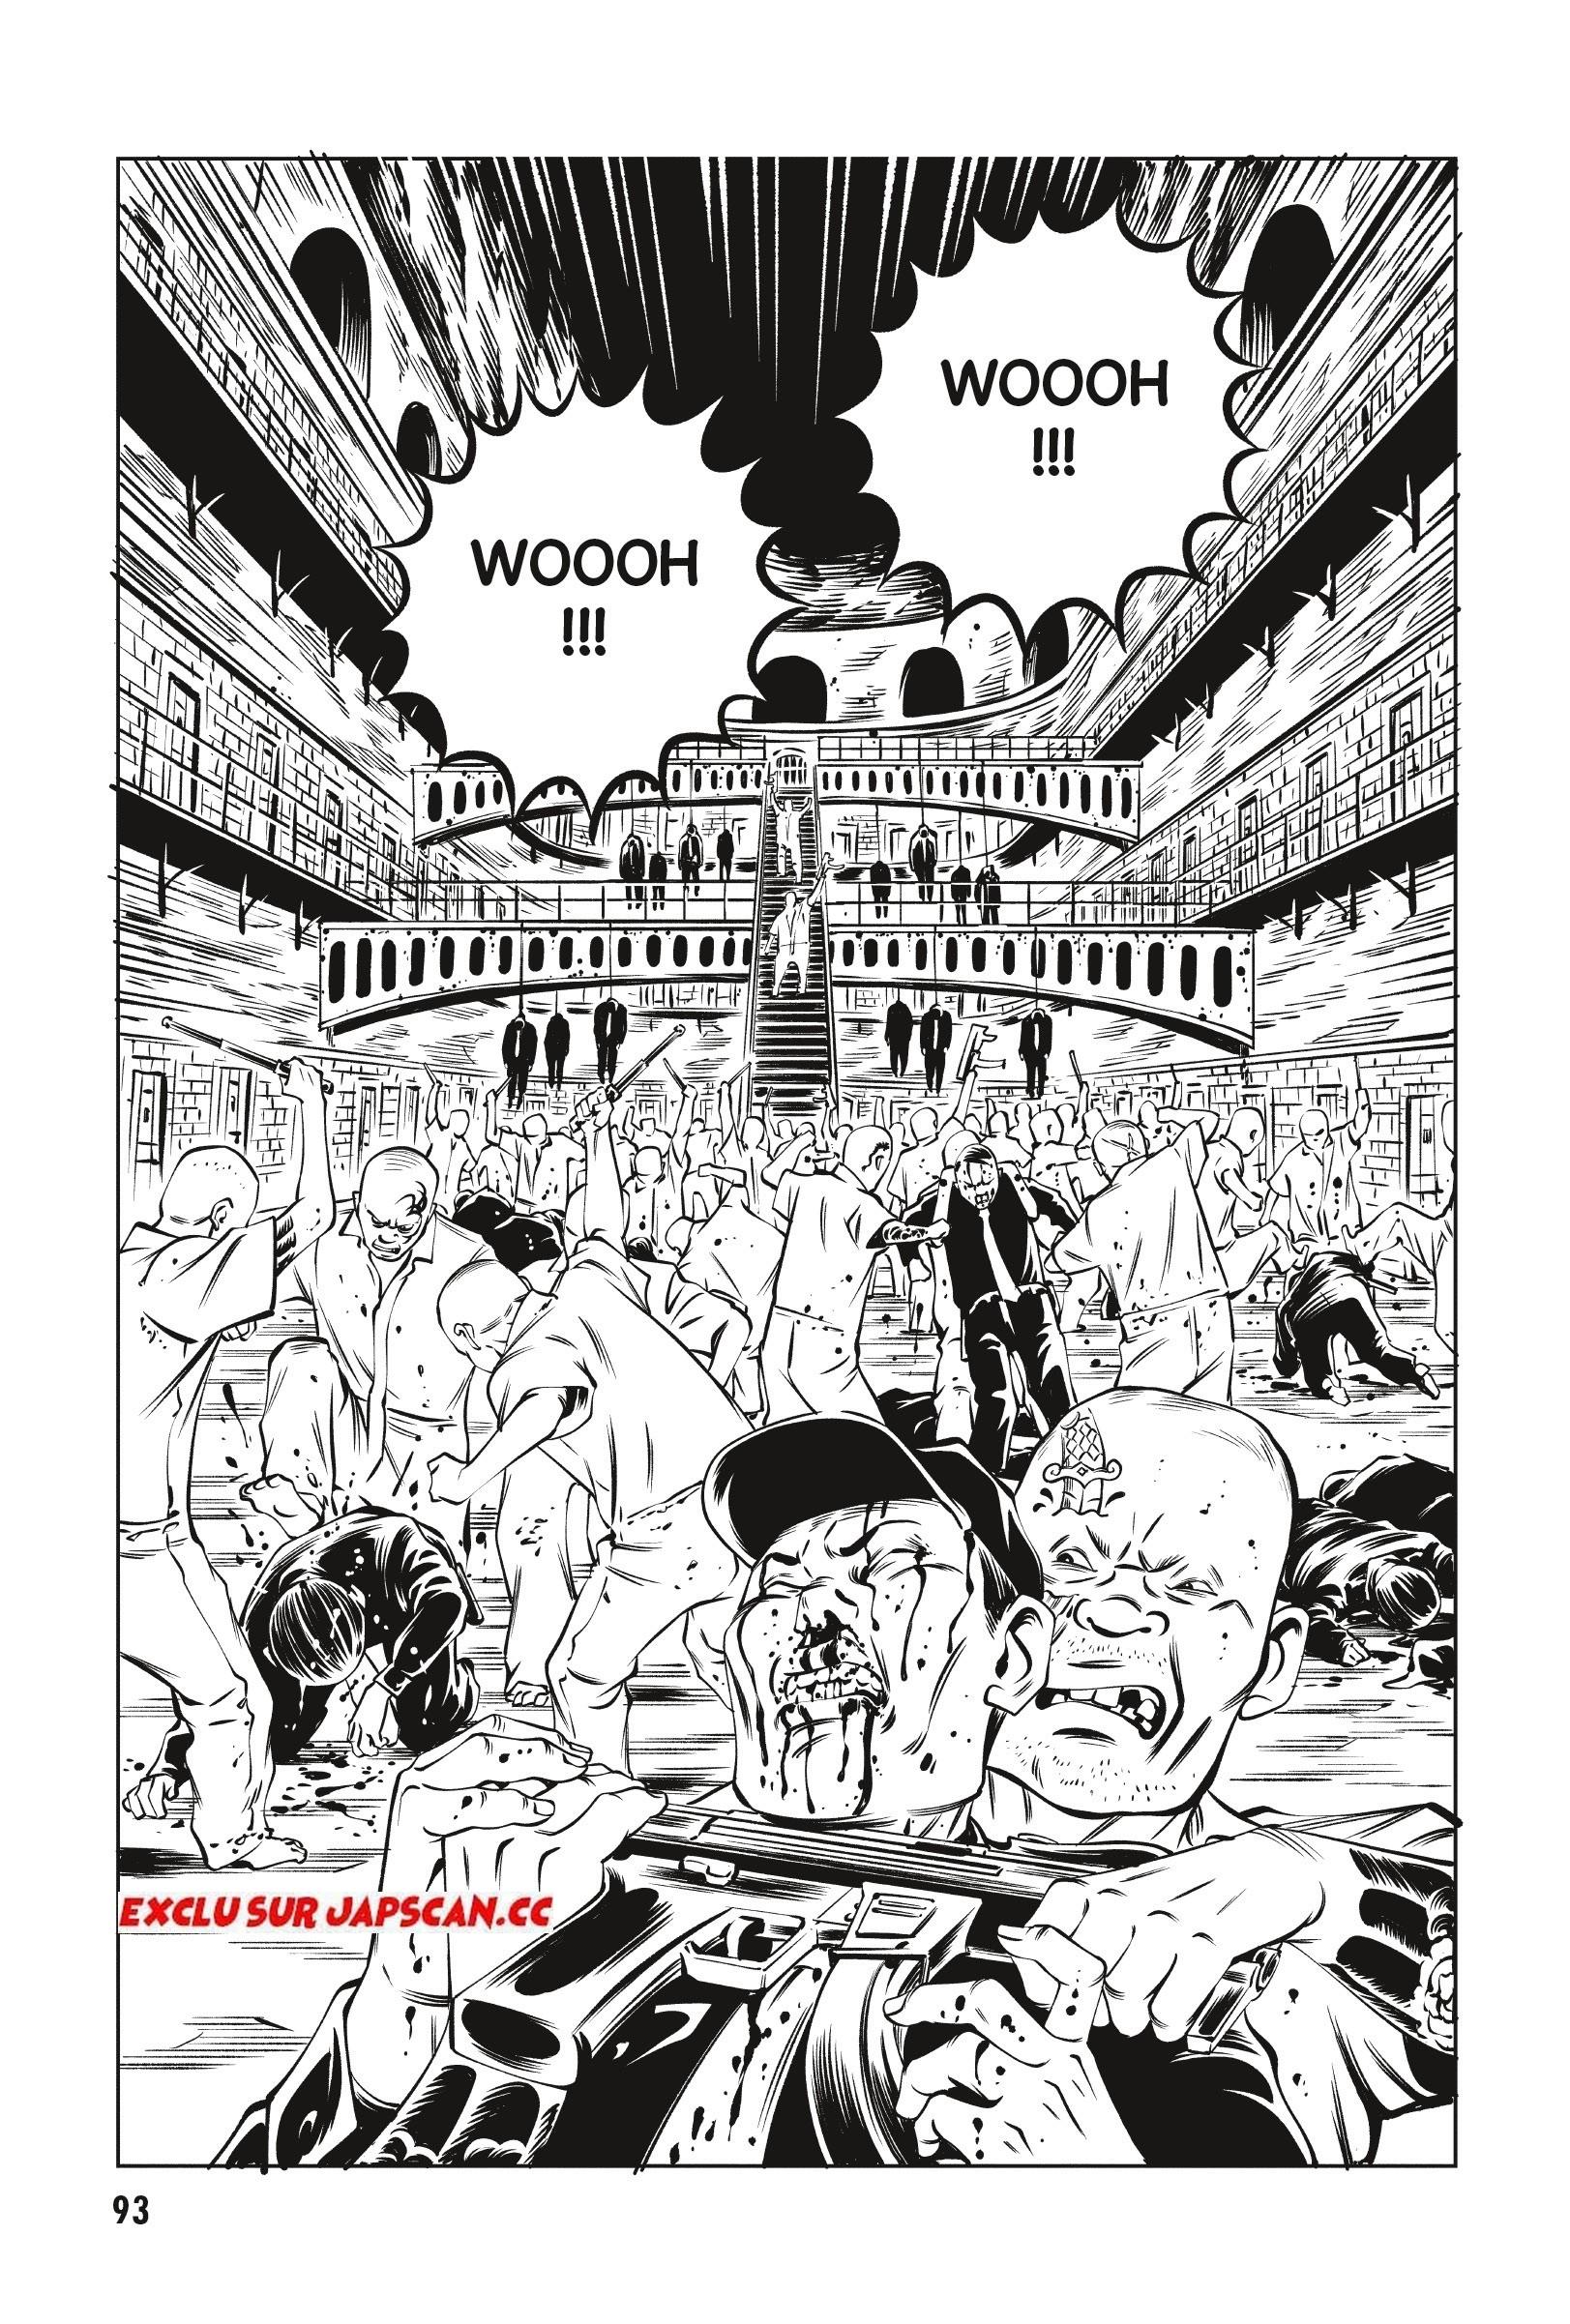 https://nine.mangadogs.com/fr_manga/pic1/23/1367/54051/Deathco43VF_0_456.jpg Page 1